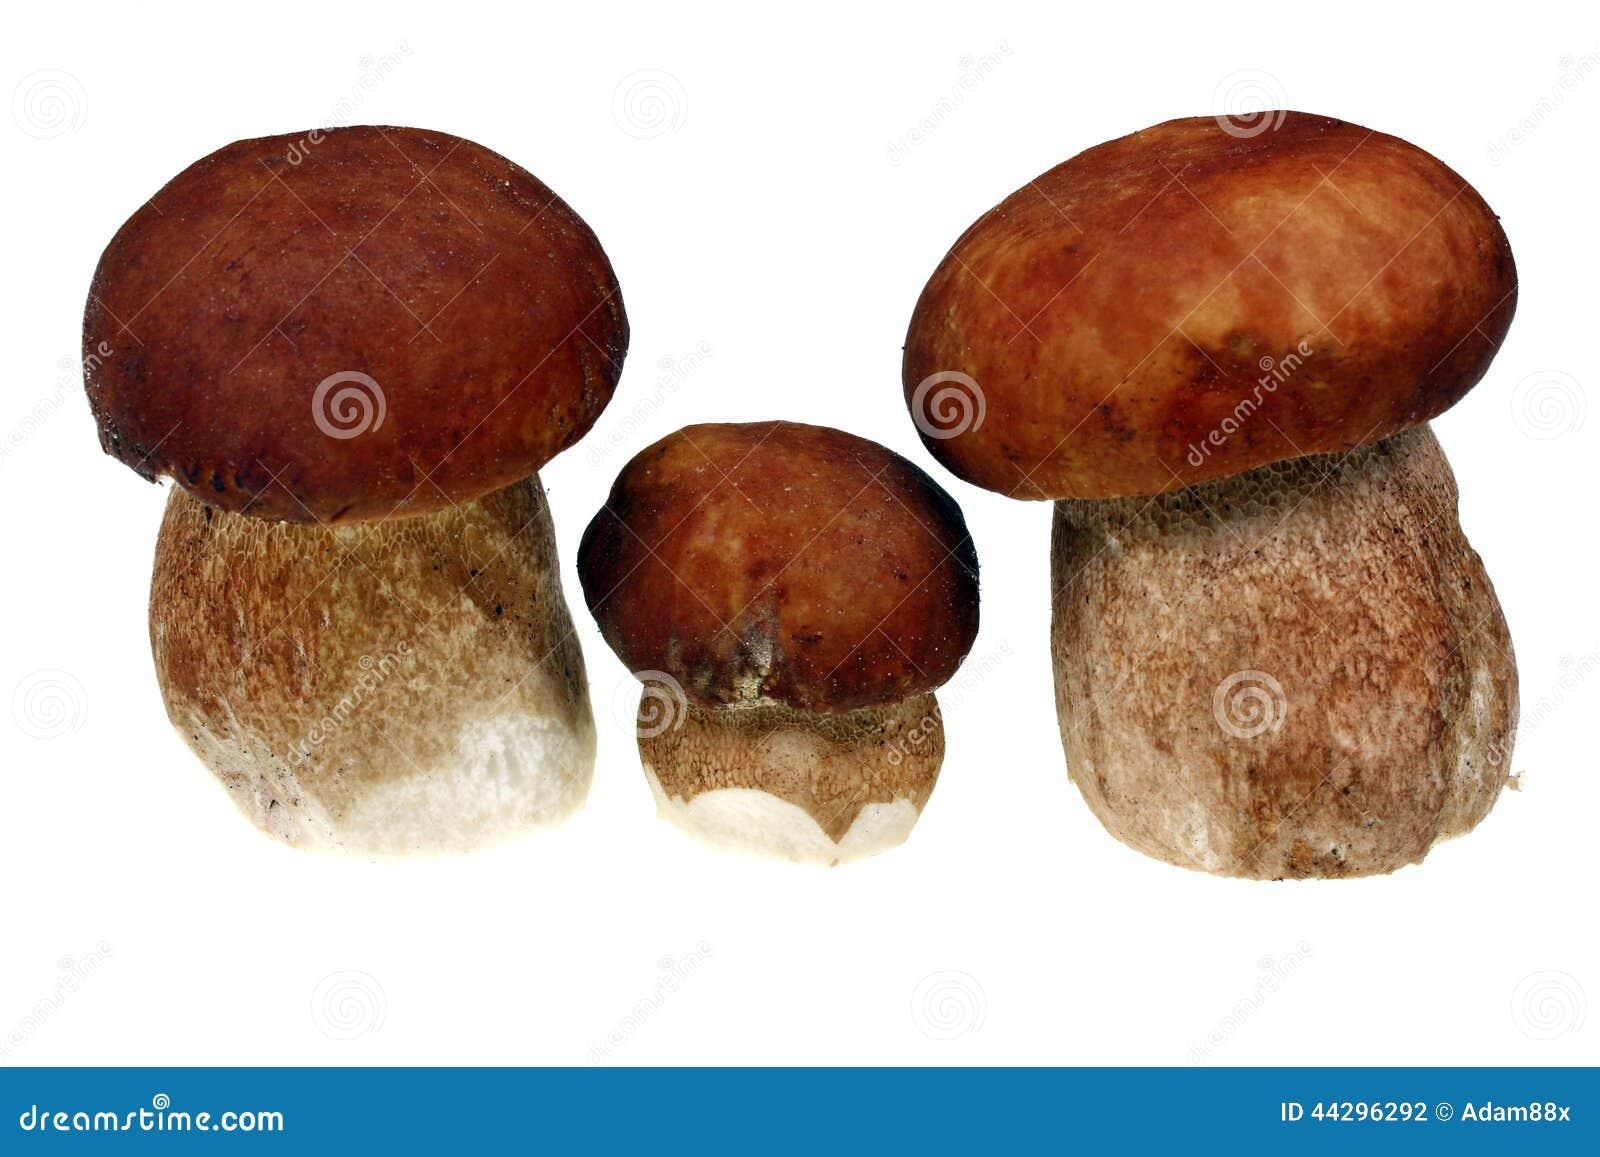 Three mushroom boletus